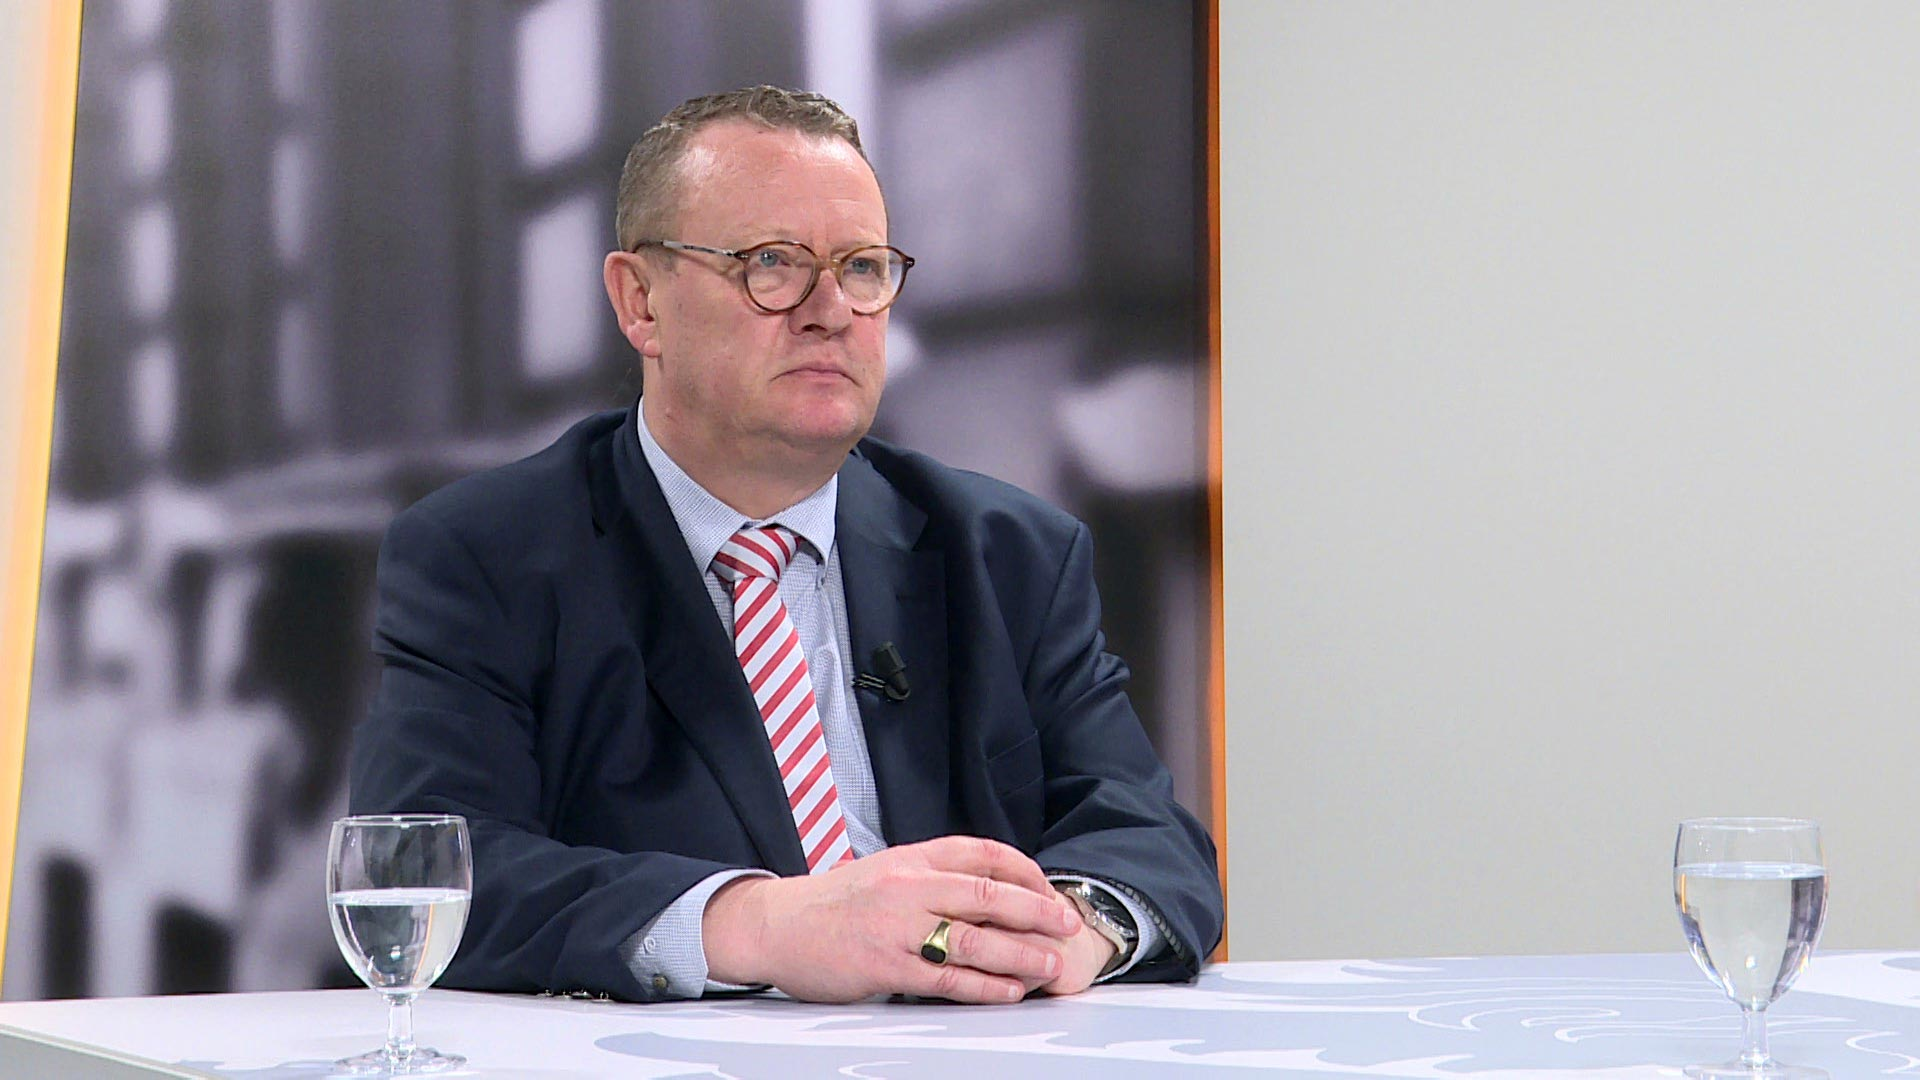 Studio Vlaams Parlement: Stefaan Sintobin over de Brexit